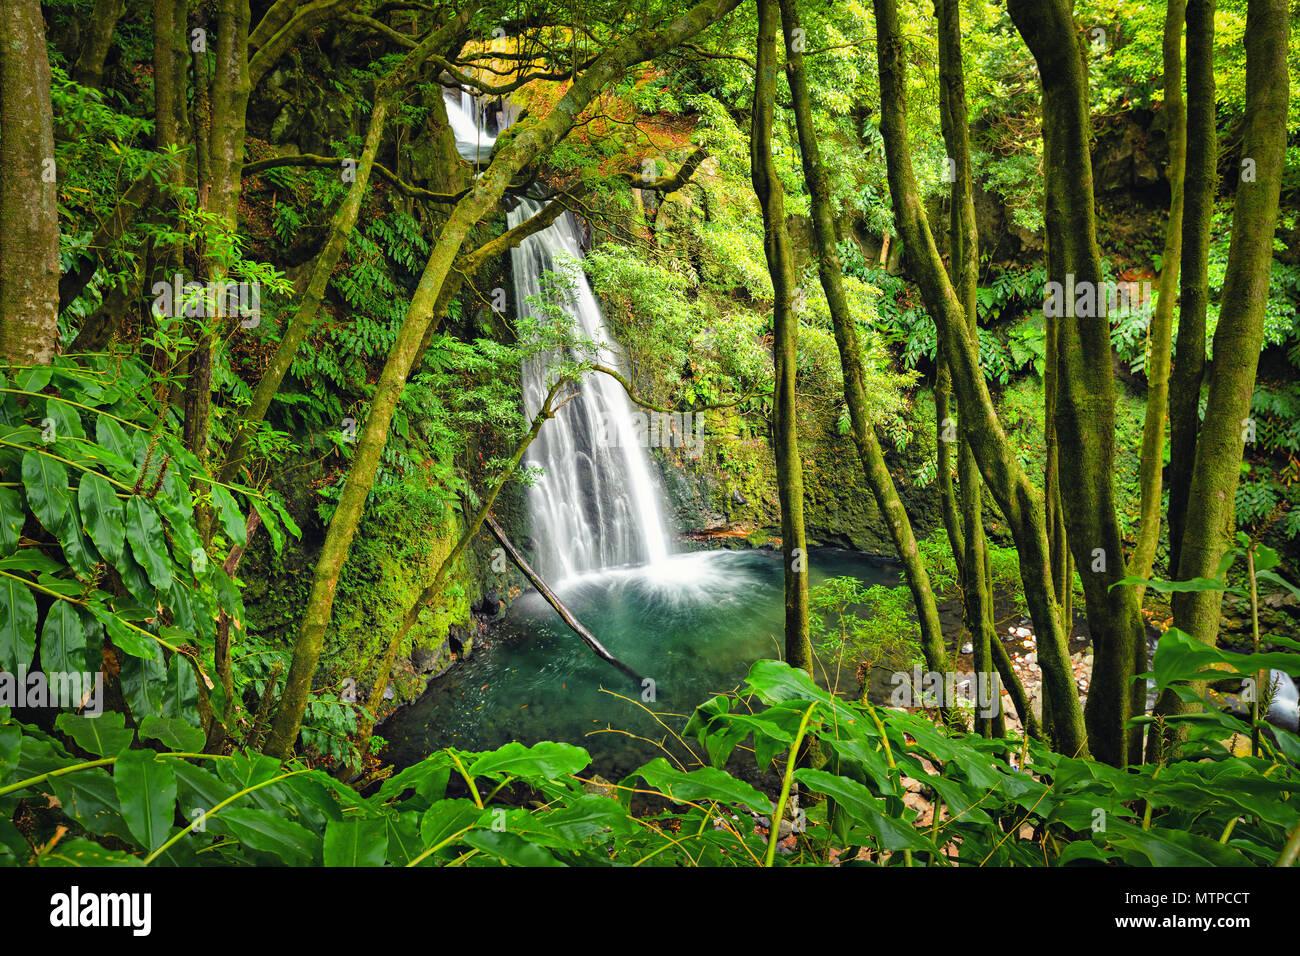 Salto fare Prego cascata perso nella foresta pluviale, isola Sao Miguel, Azzorre, Portogallo Immagini Stock